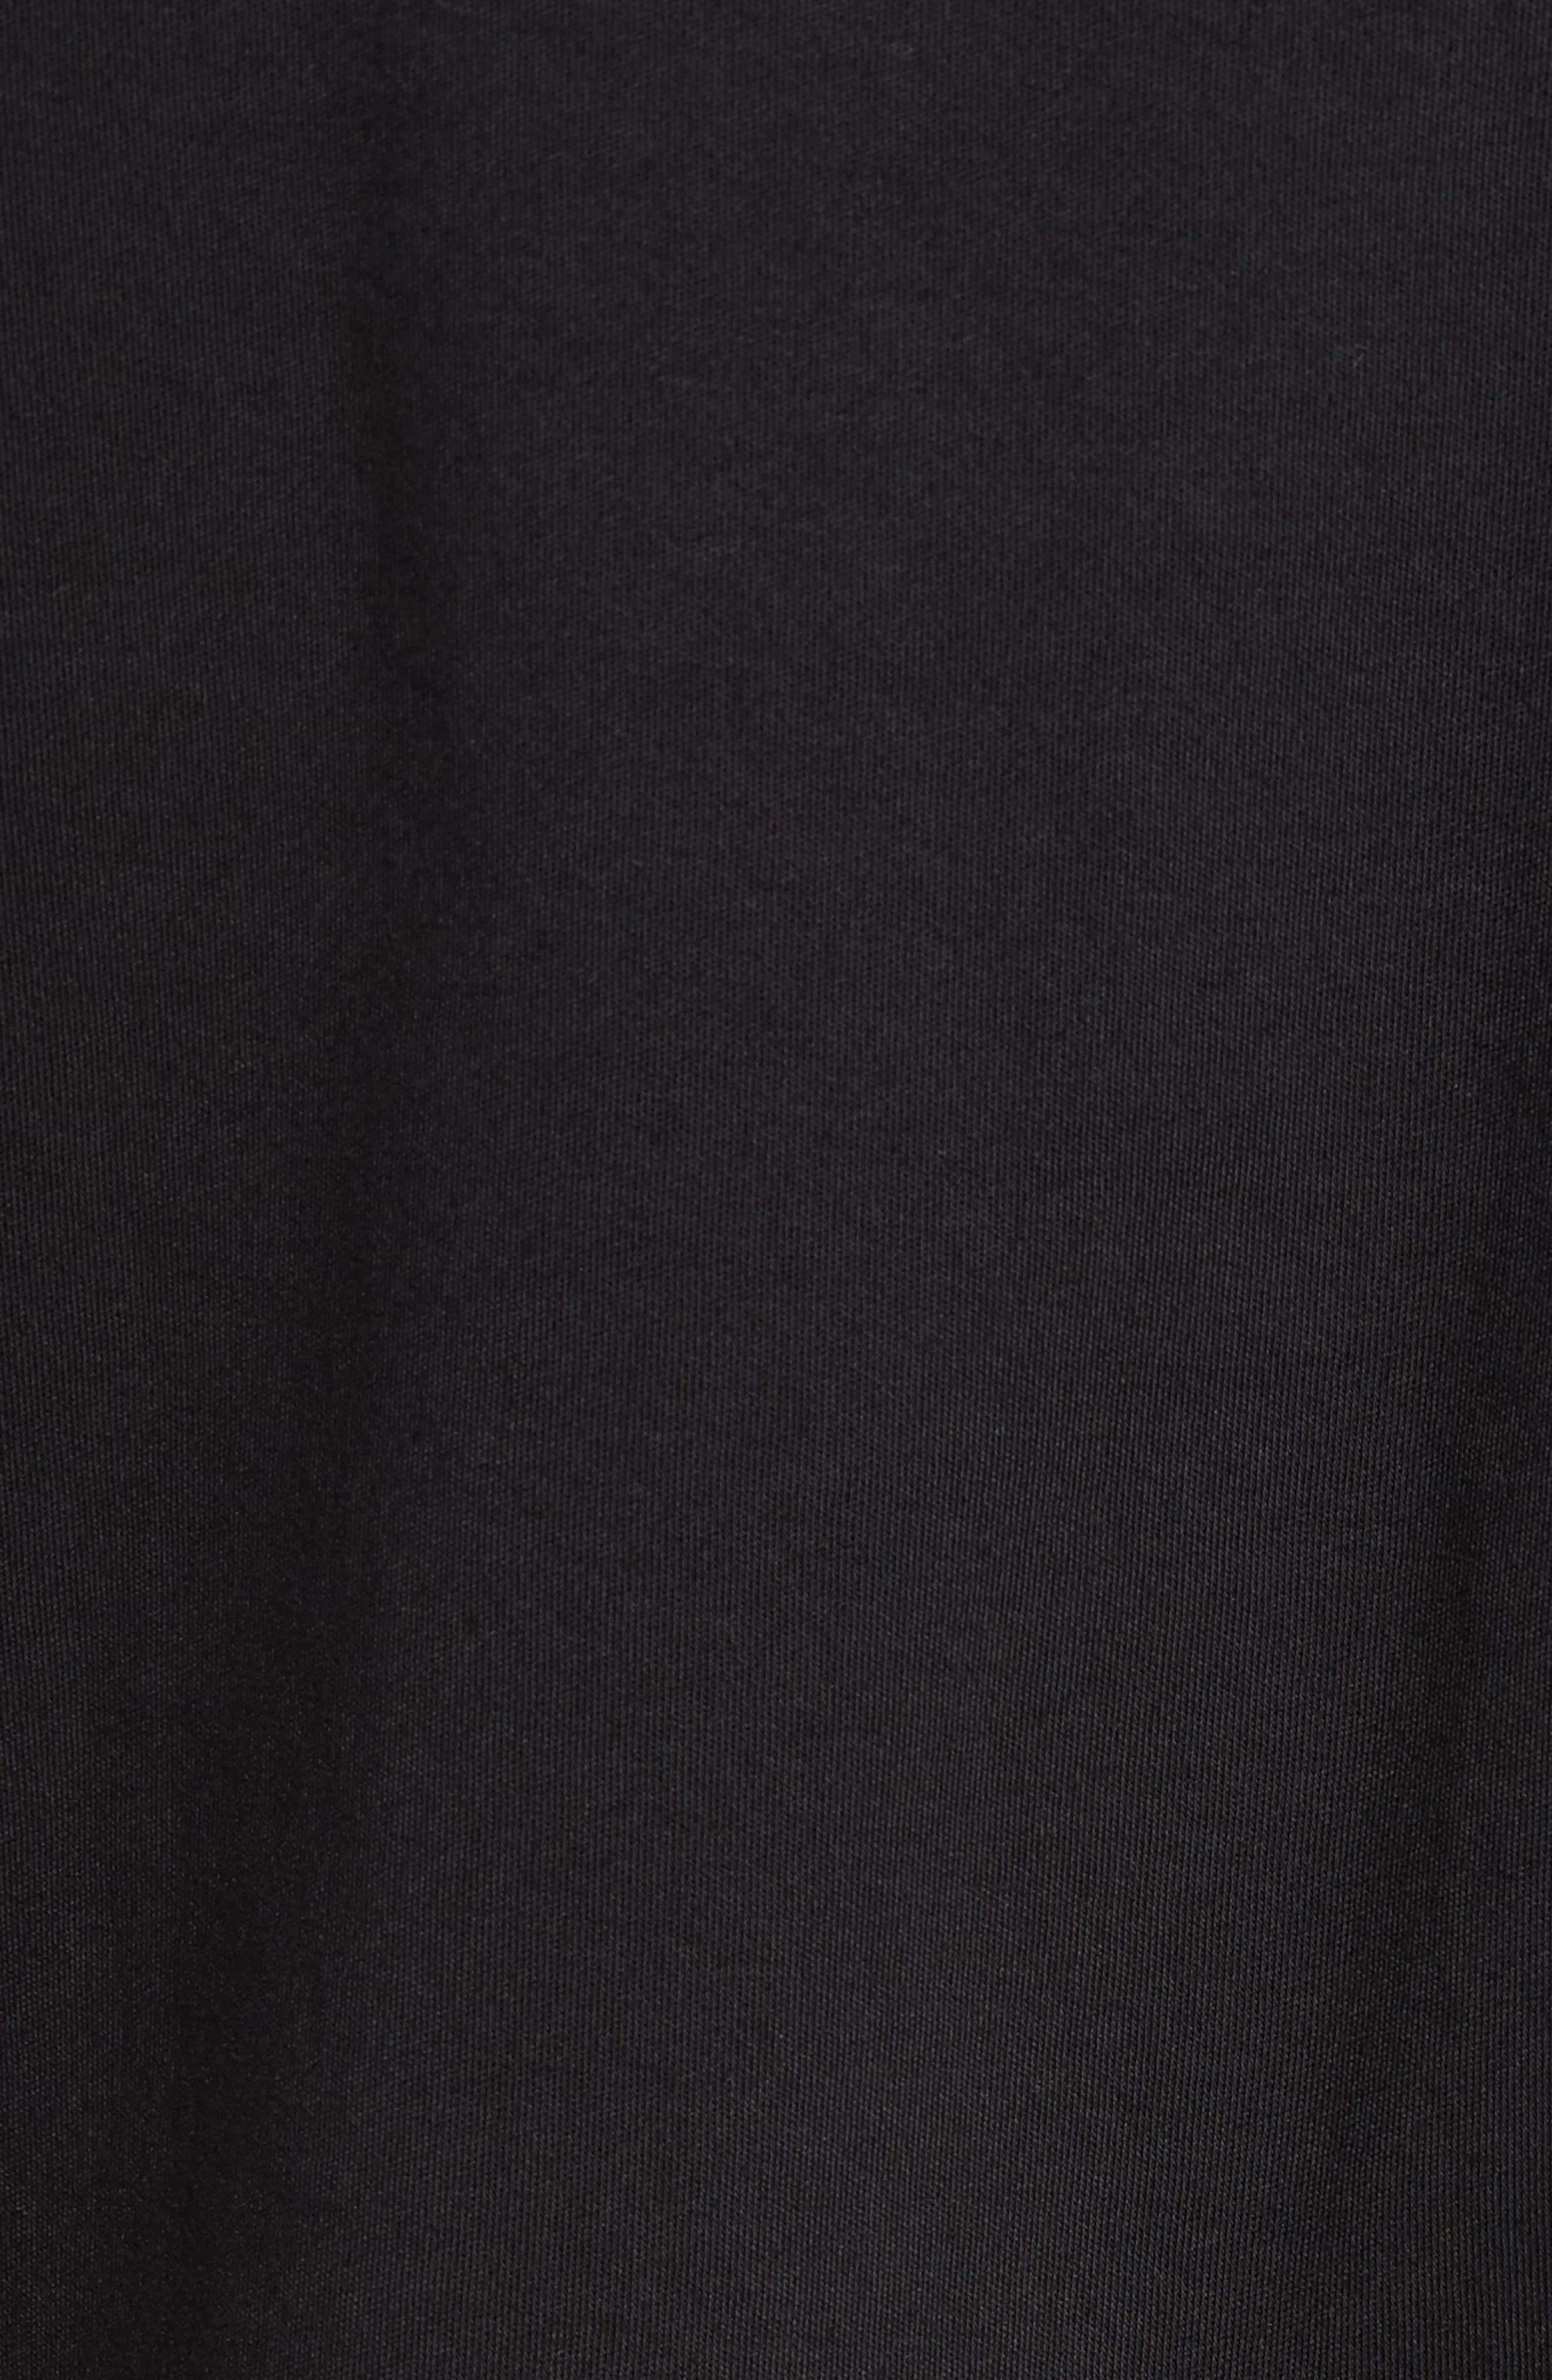 Dicagolo Logo Sweatshirt,                             Alternate thumbnail 5, color,                             001